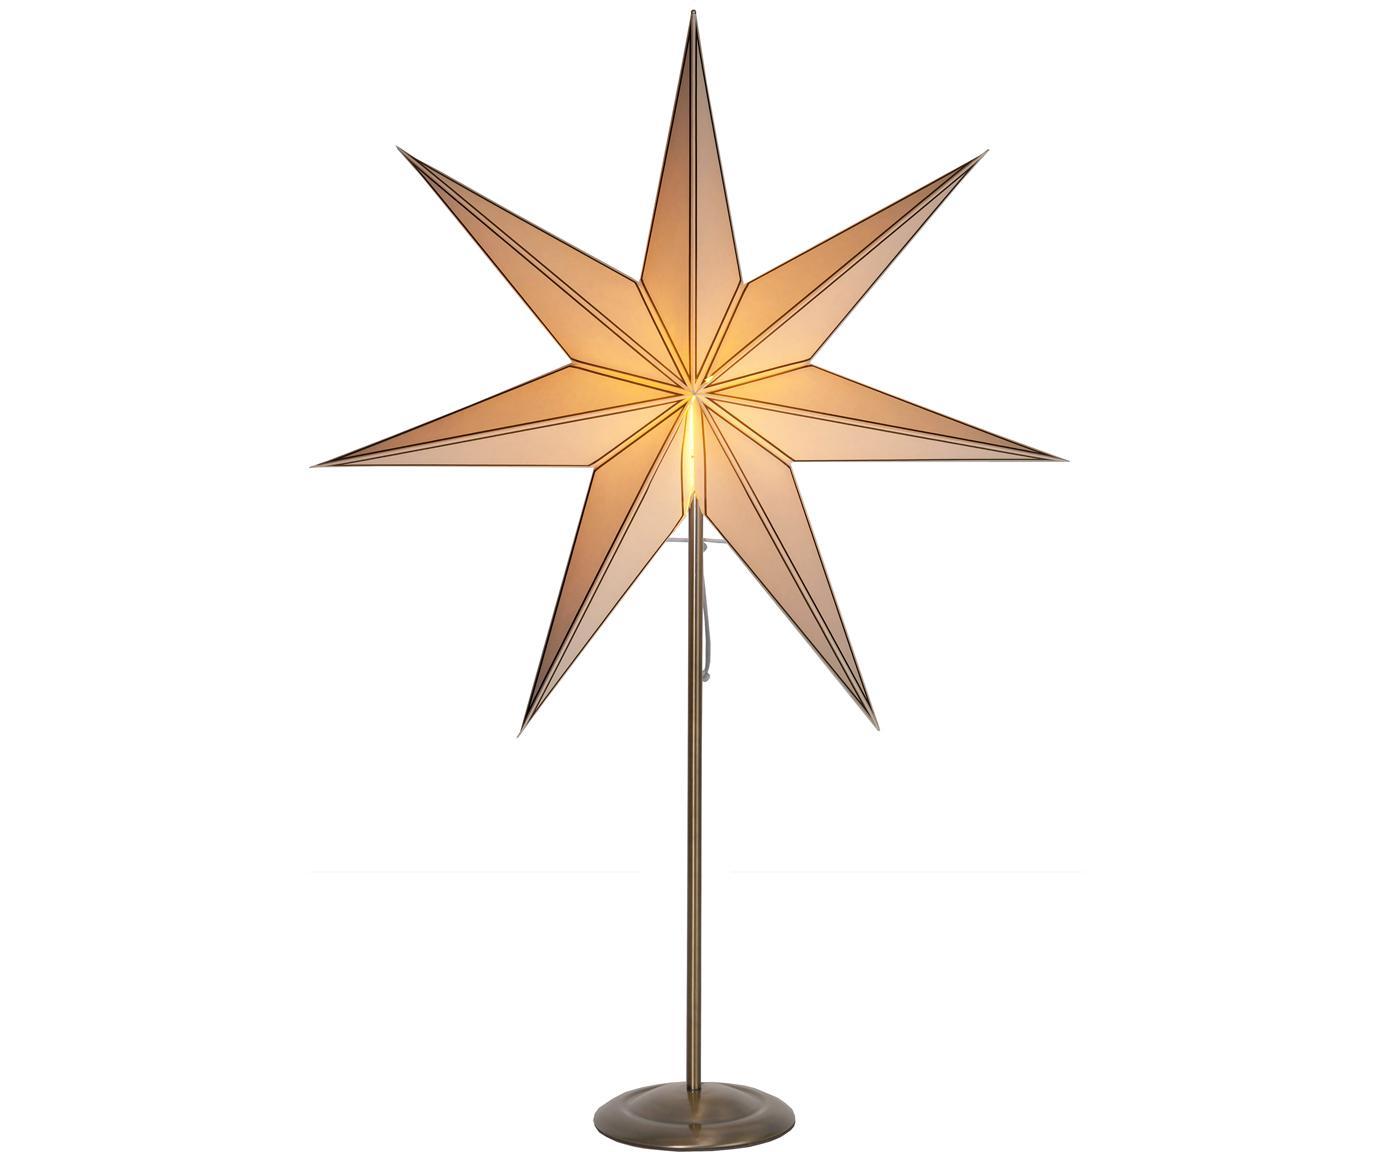 Oggetto luminoso con spina Nicolas, Paralume: carta, Base della lampada: metallo rivestito, Beige, ottonato con finitura antica, Larg. 60 x Alt. 90 cm